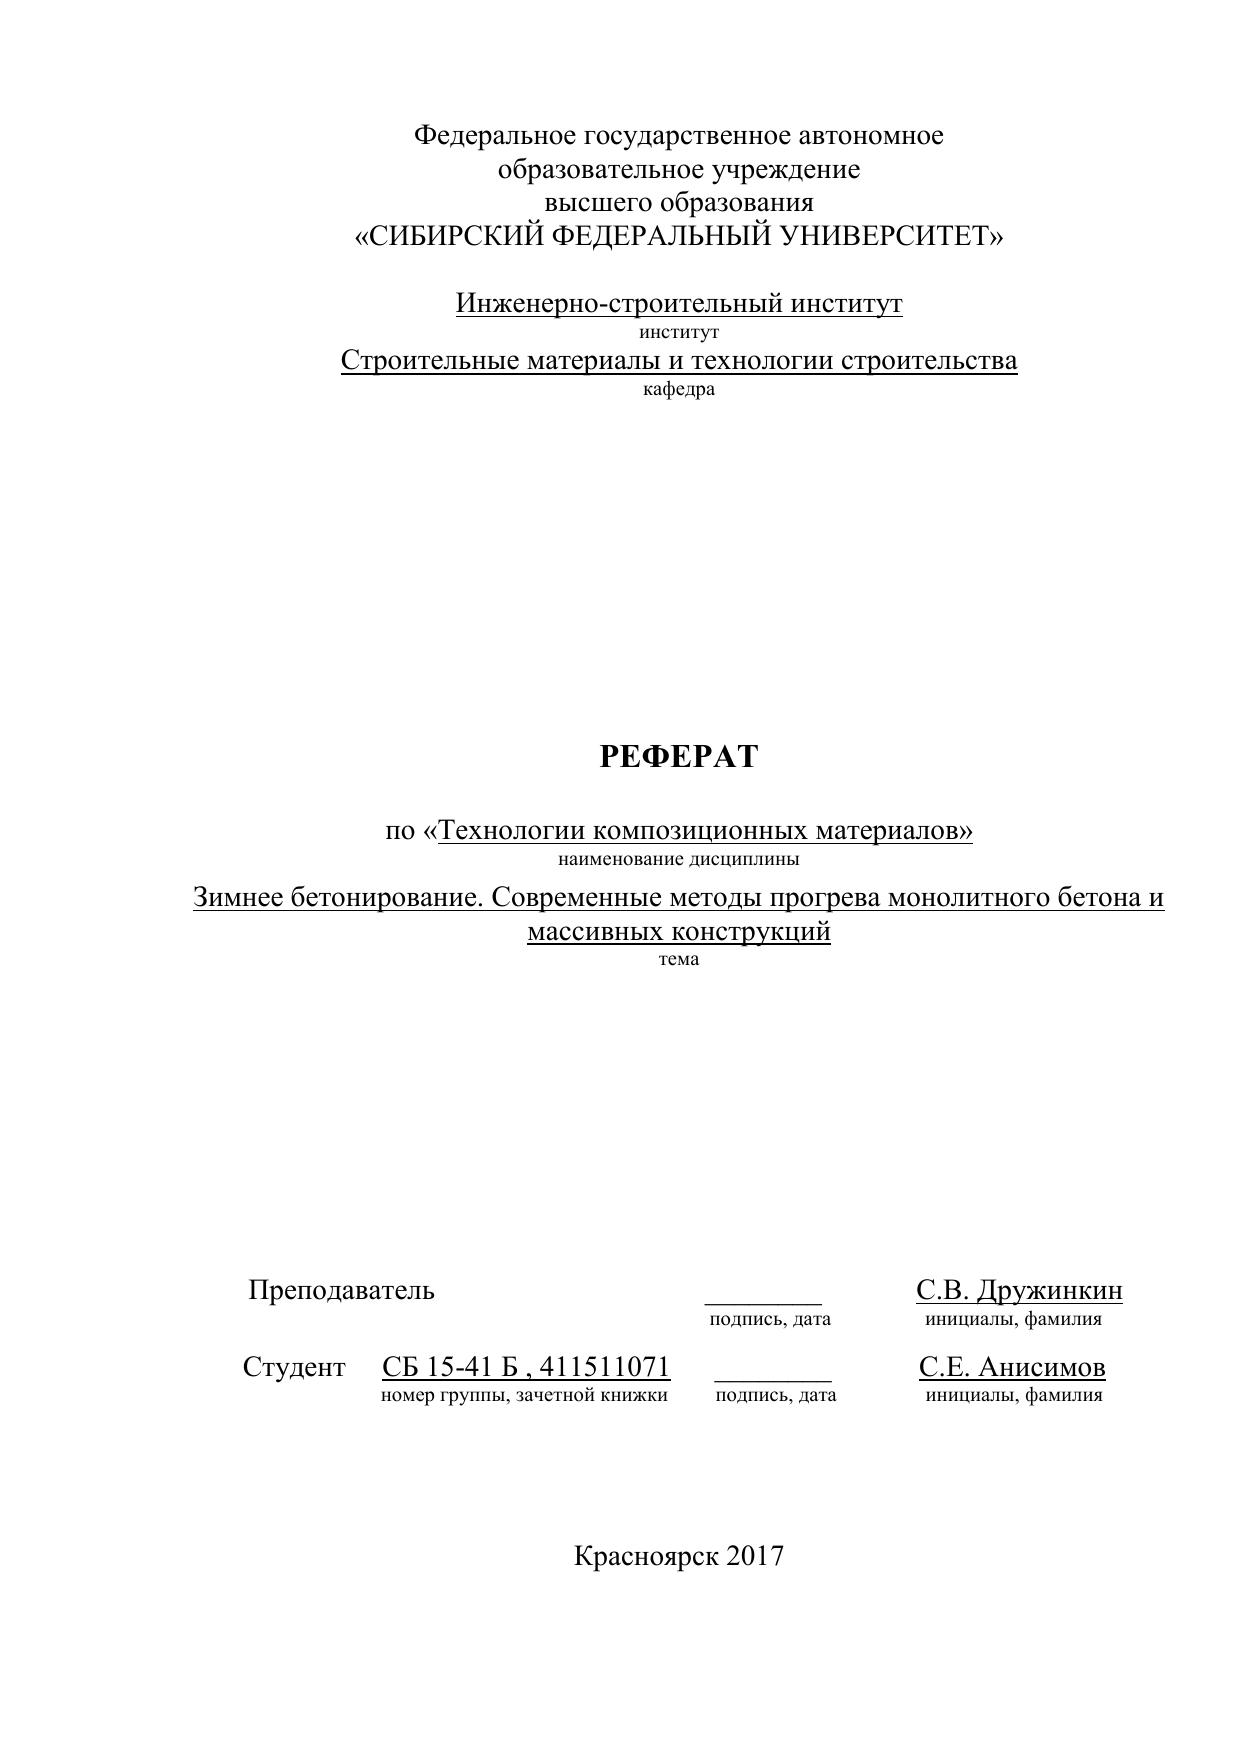 Методы зимнего бетонирования реферат 4485